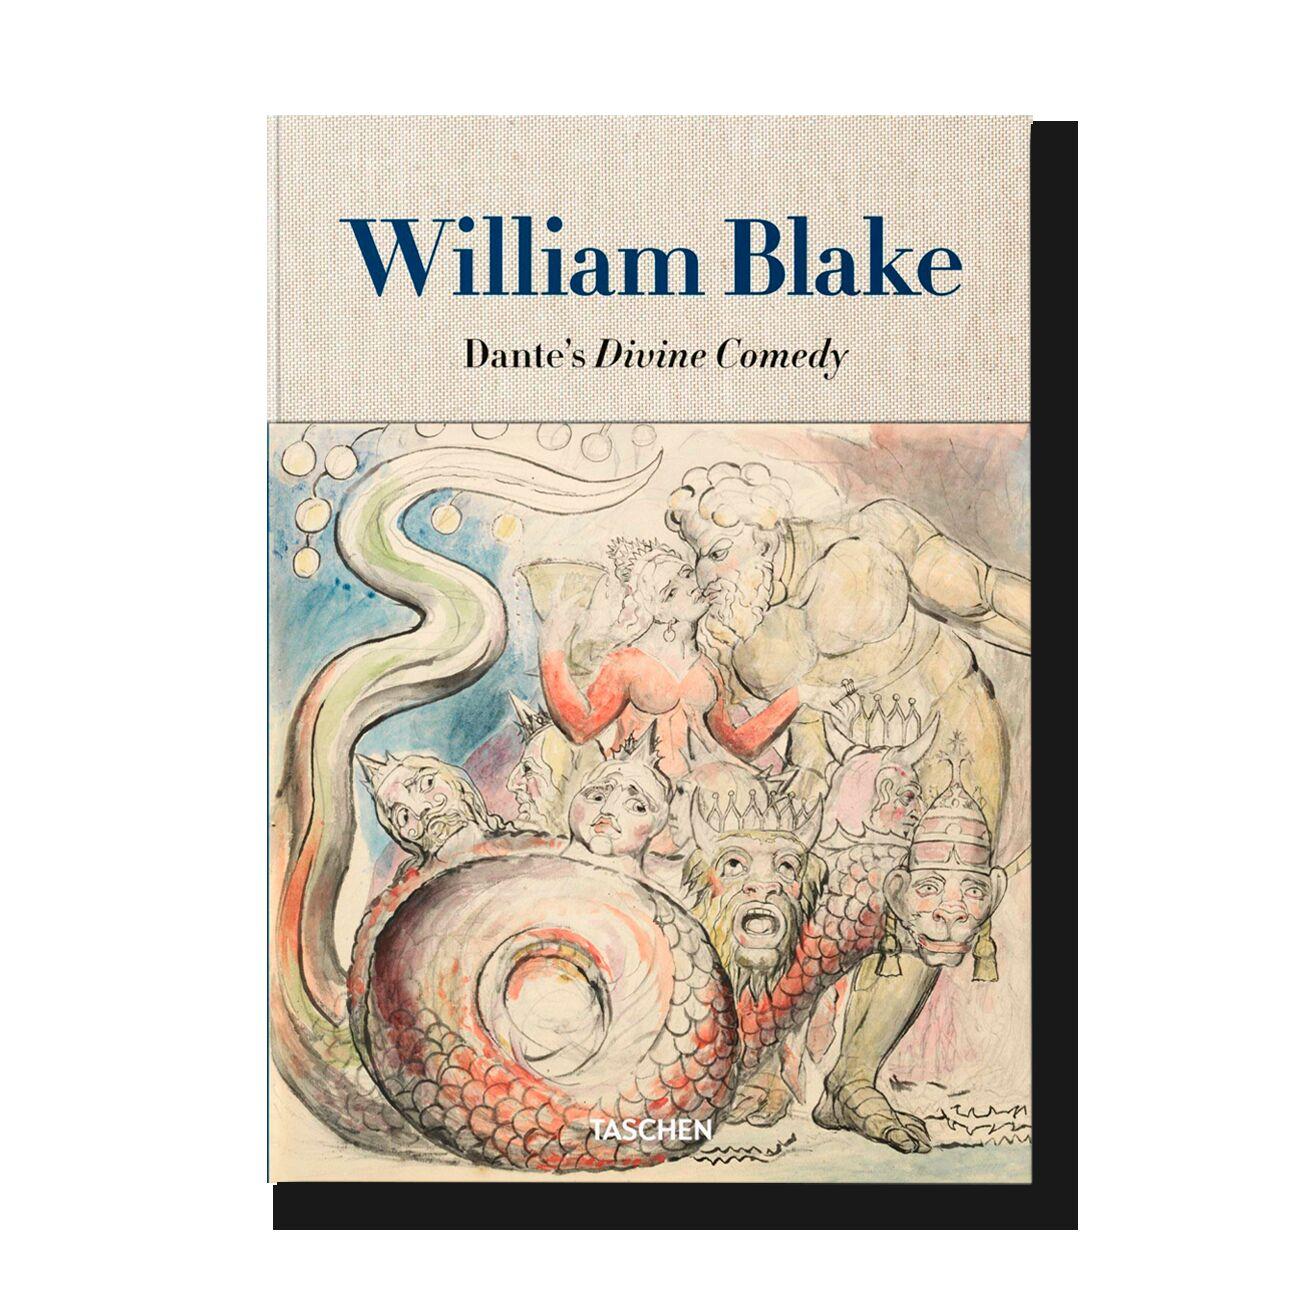 William Blake: Dante's Divine Comedy